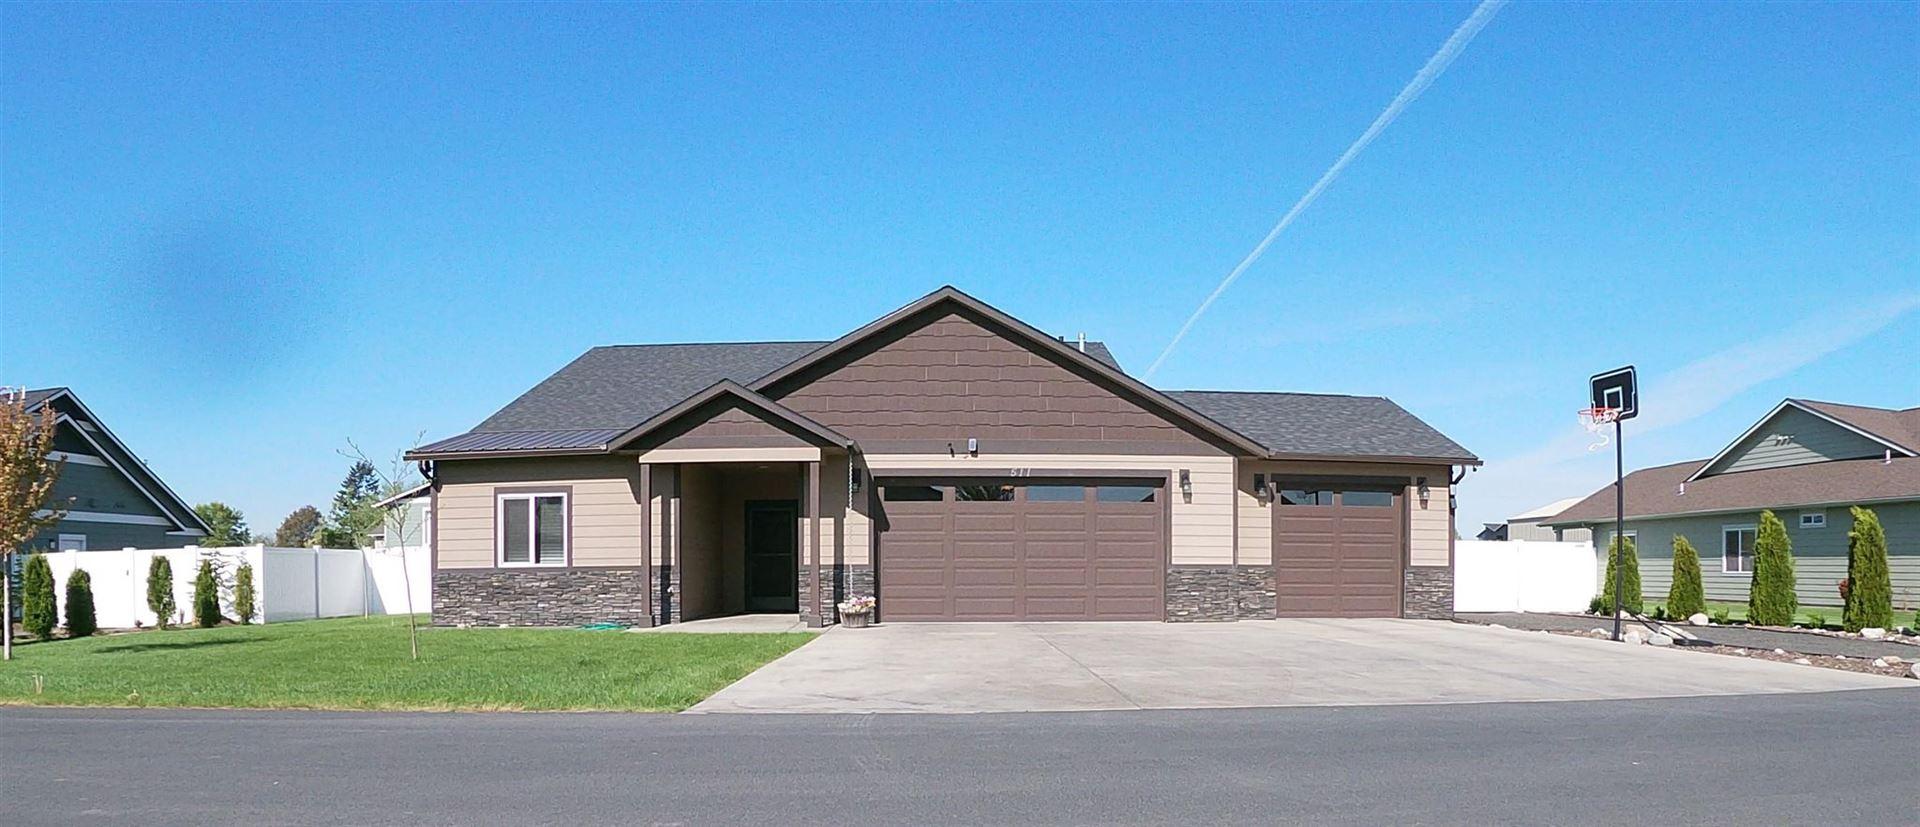 511 N Ridgemont Ln, Spokane Valley, WA 99037 - #: 202115136